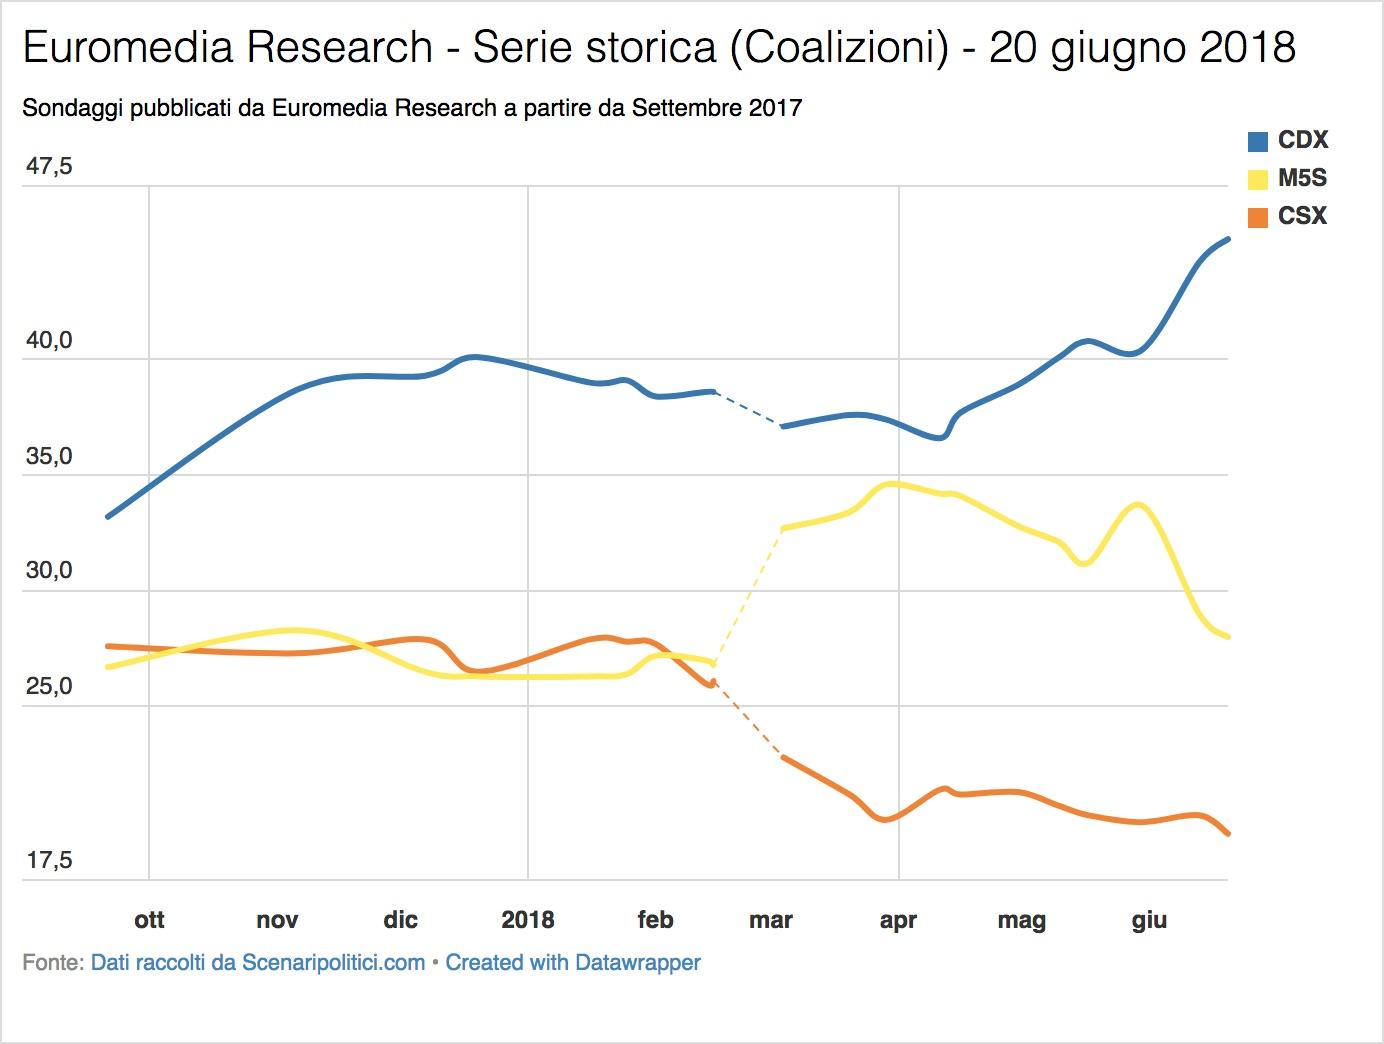 Sondaggi Euromedia Research & Piepoli (20 giugno 2018)